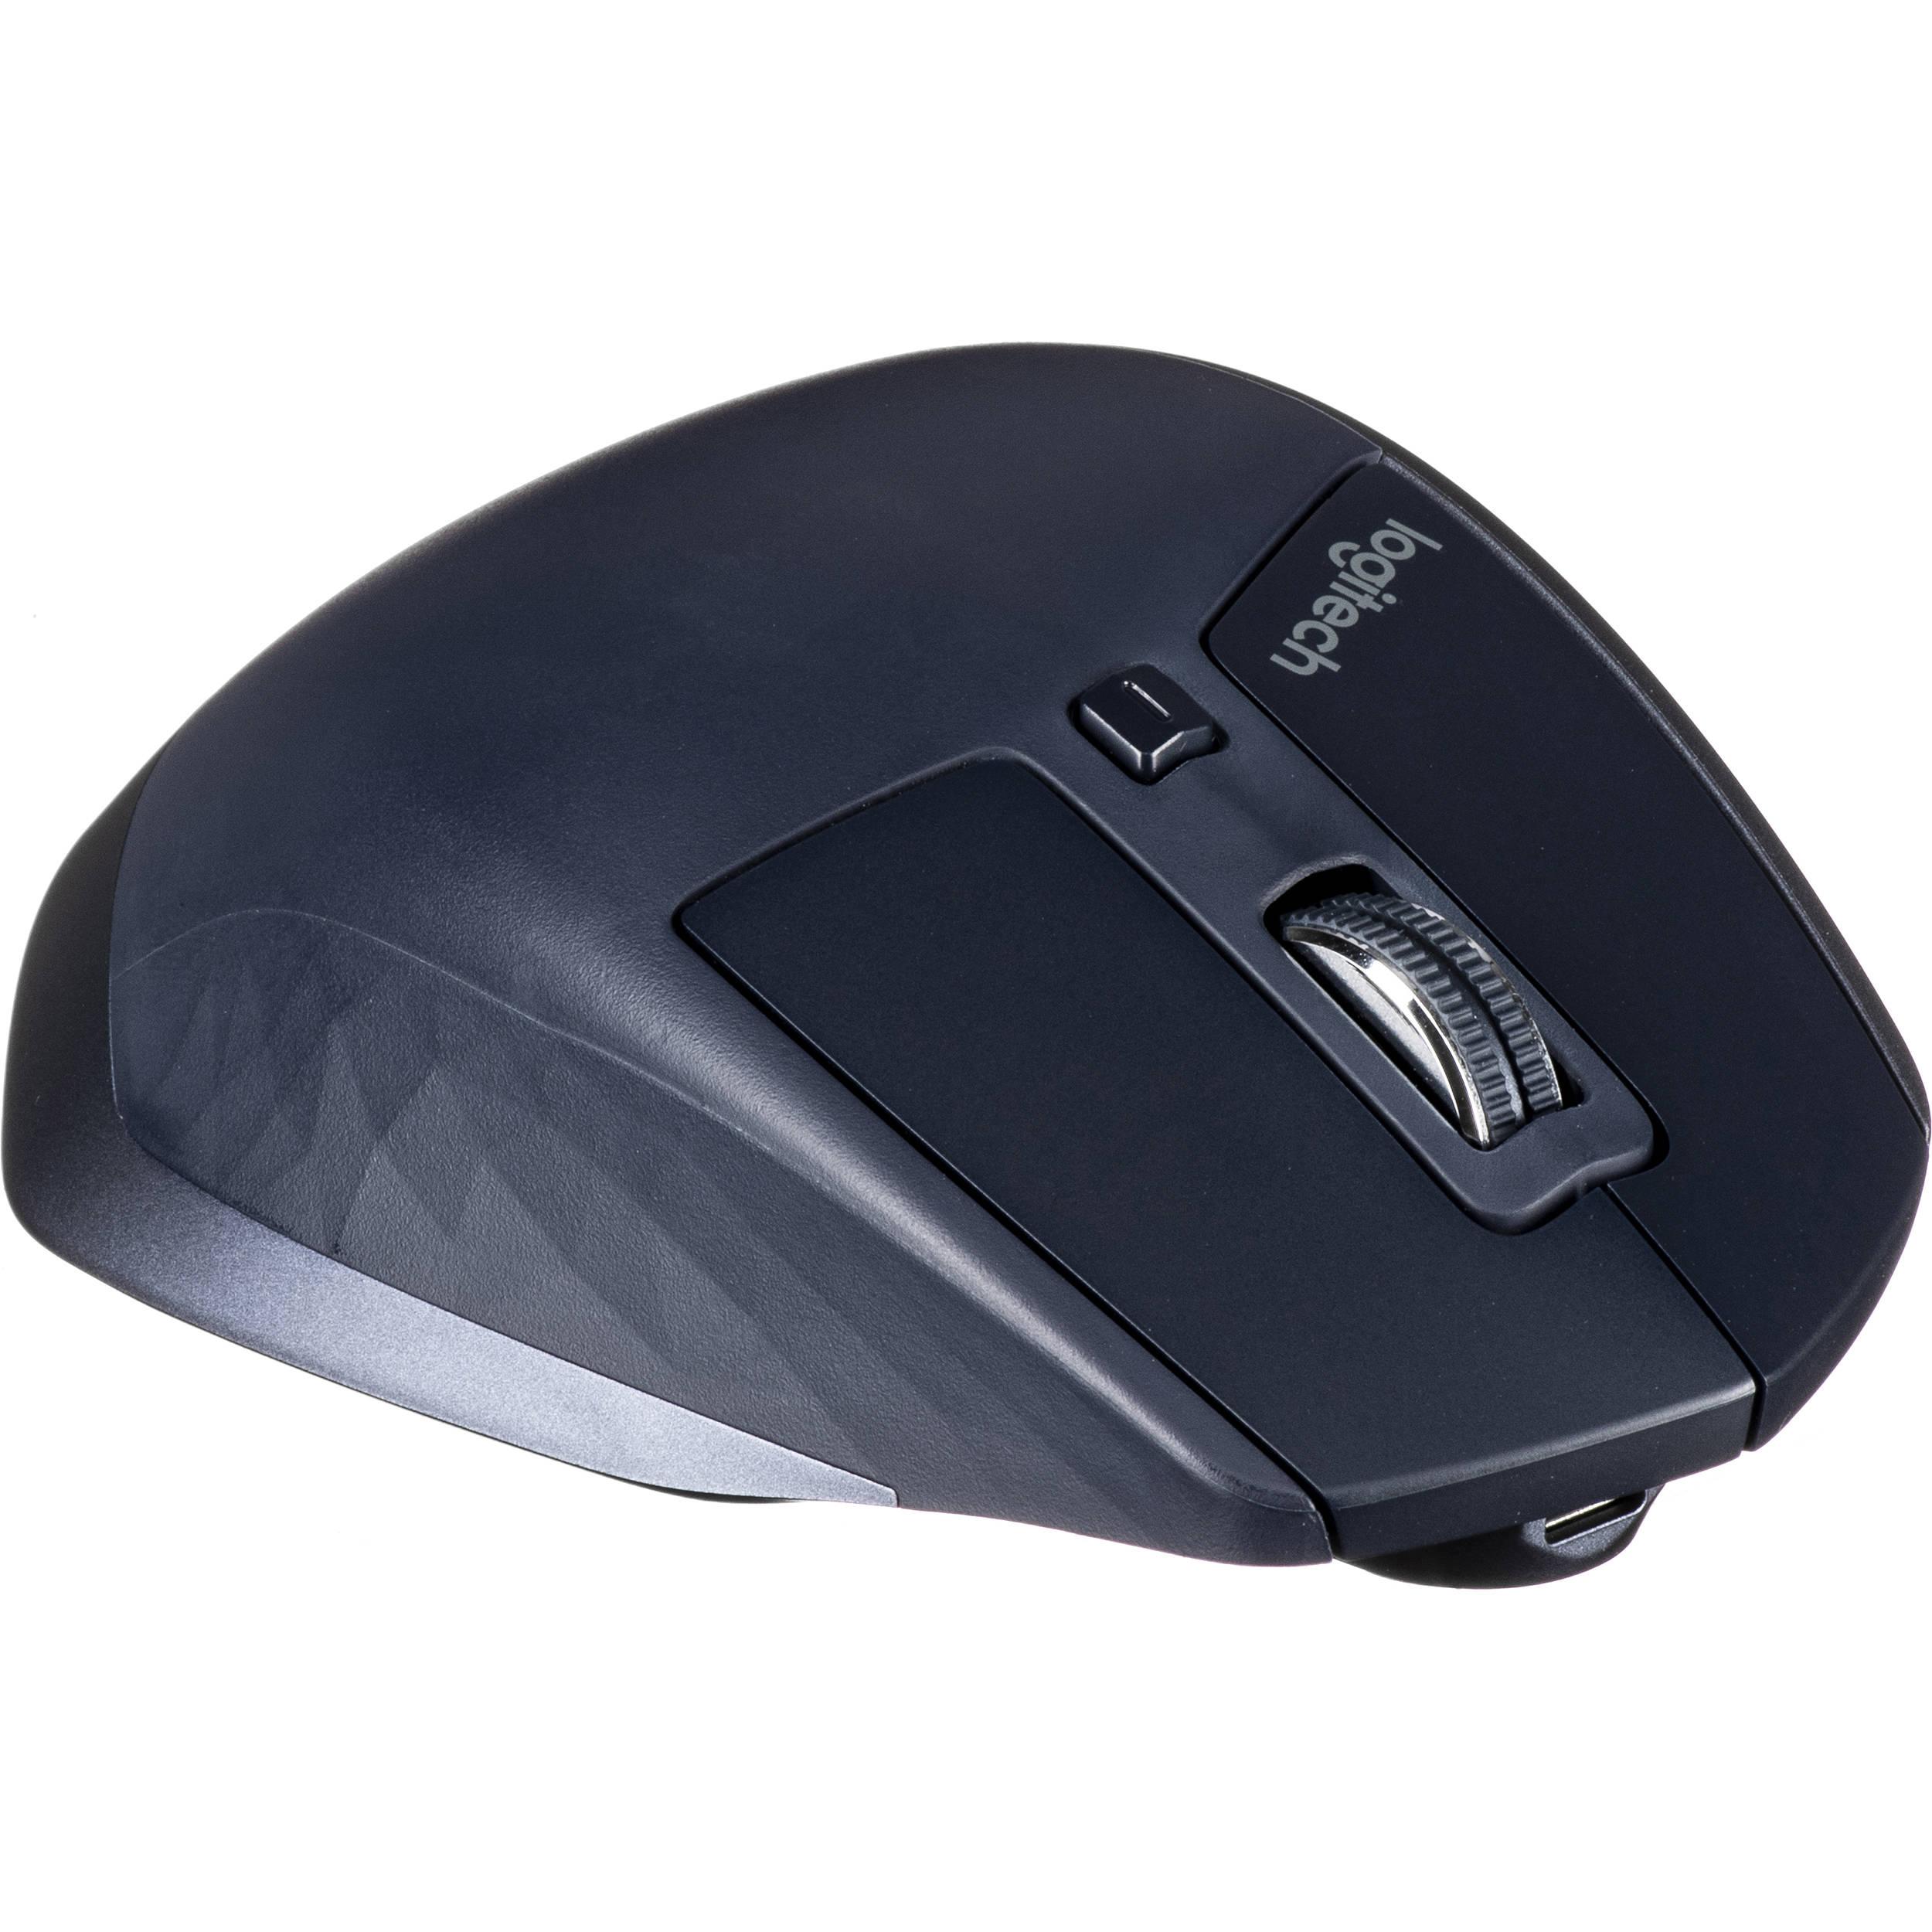 Logitech MX Master Wireless Mouse (Navy Blue)